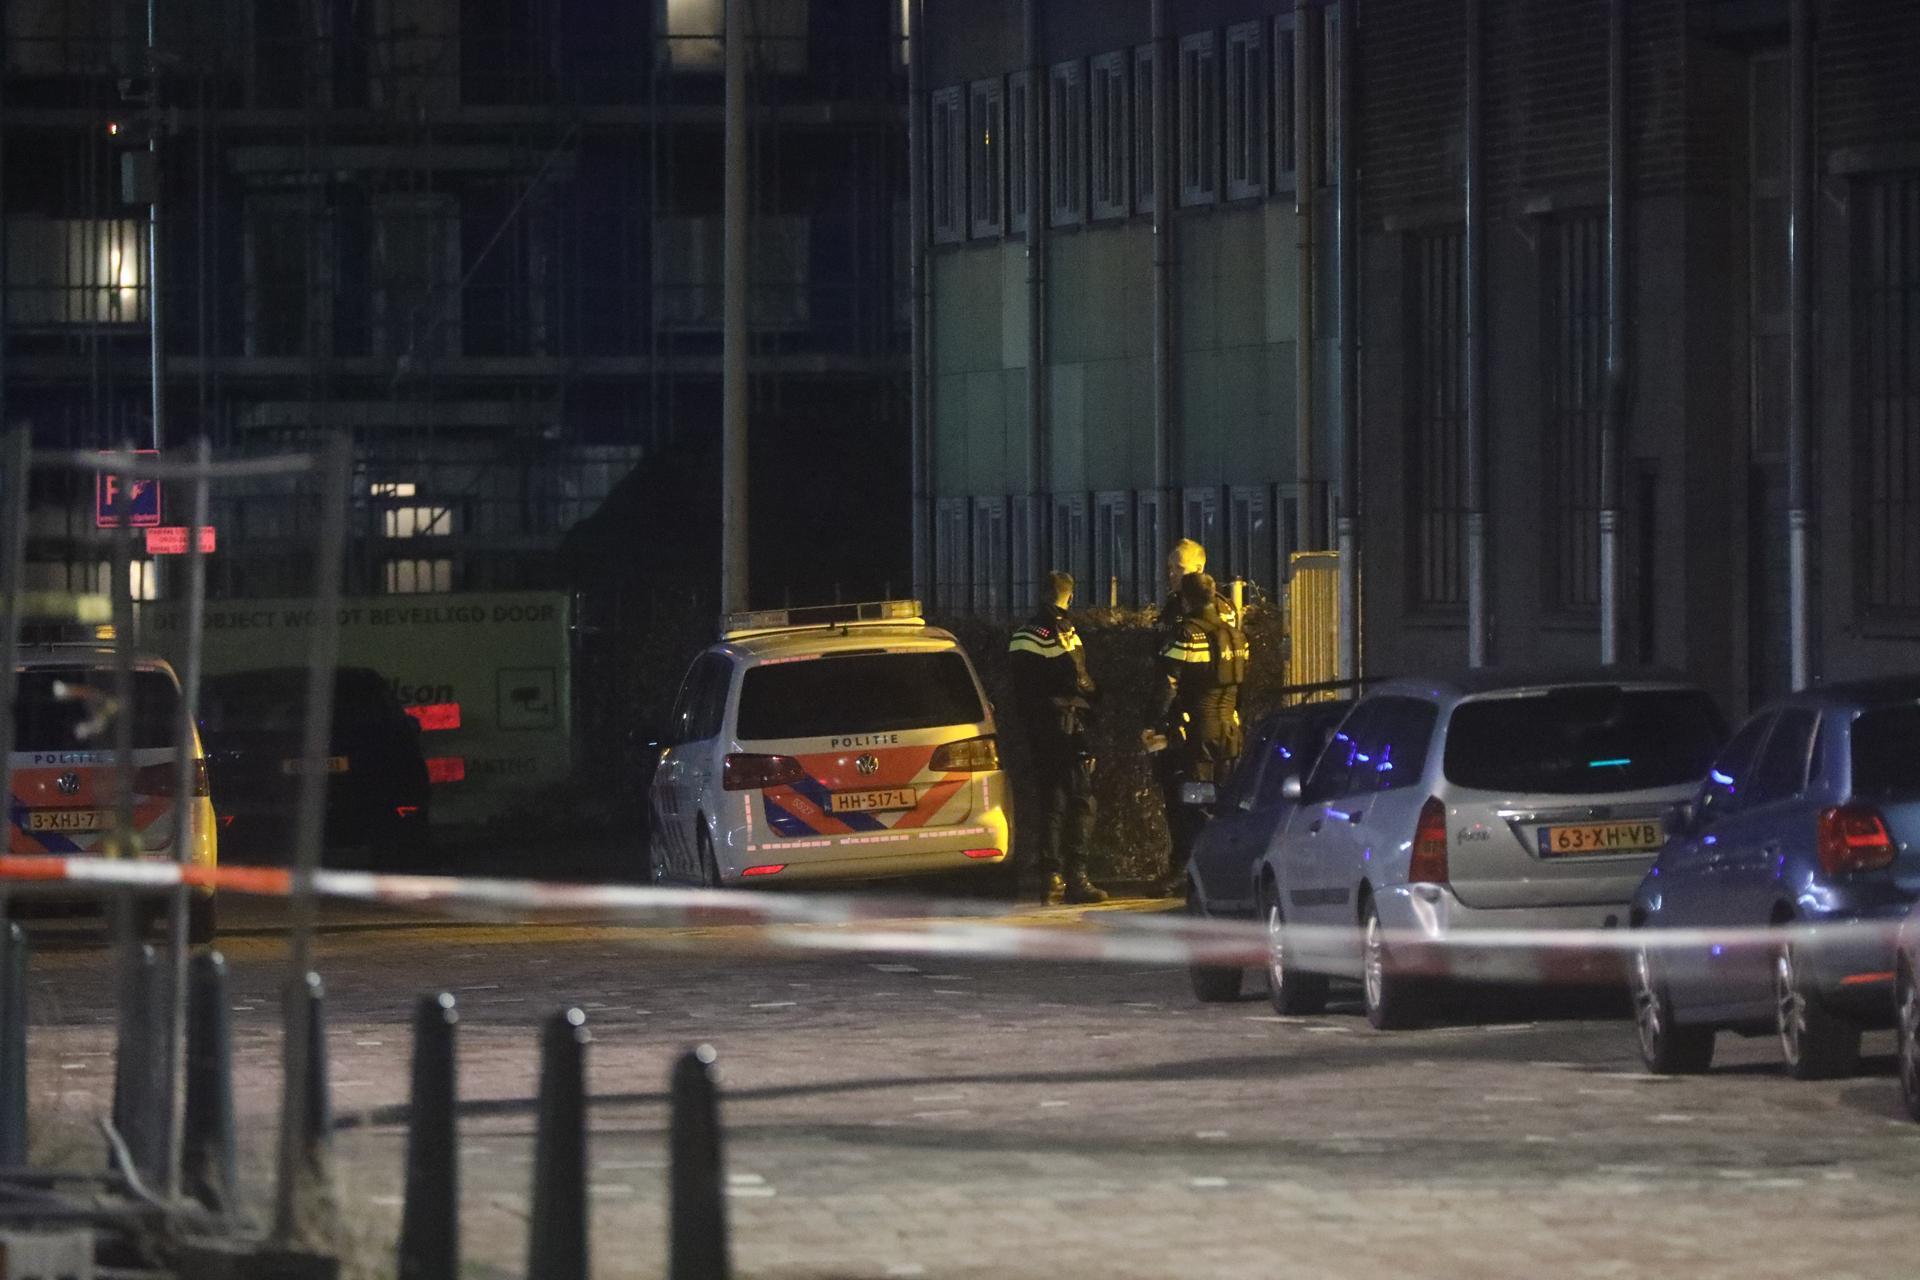 9c16e1323c6 Artikelen over explosieven opruimingsdienst (eod) | Telegraaf.nl